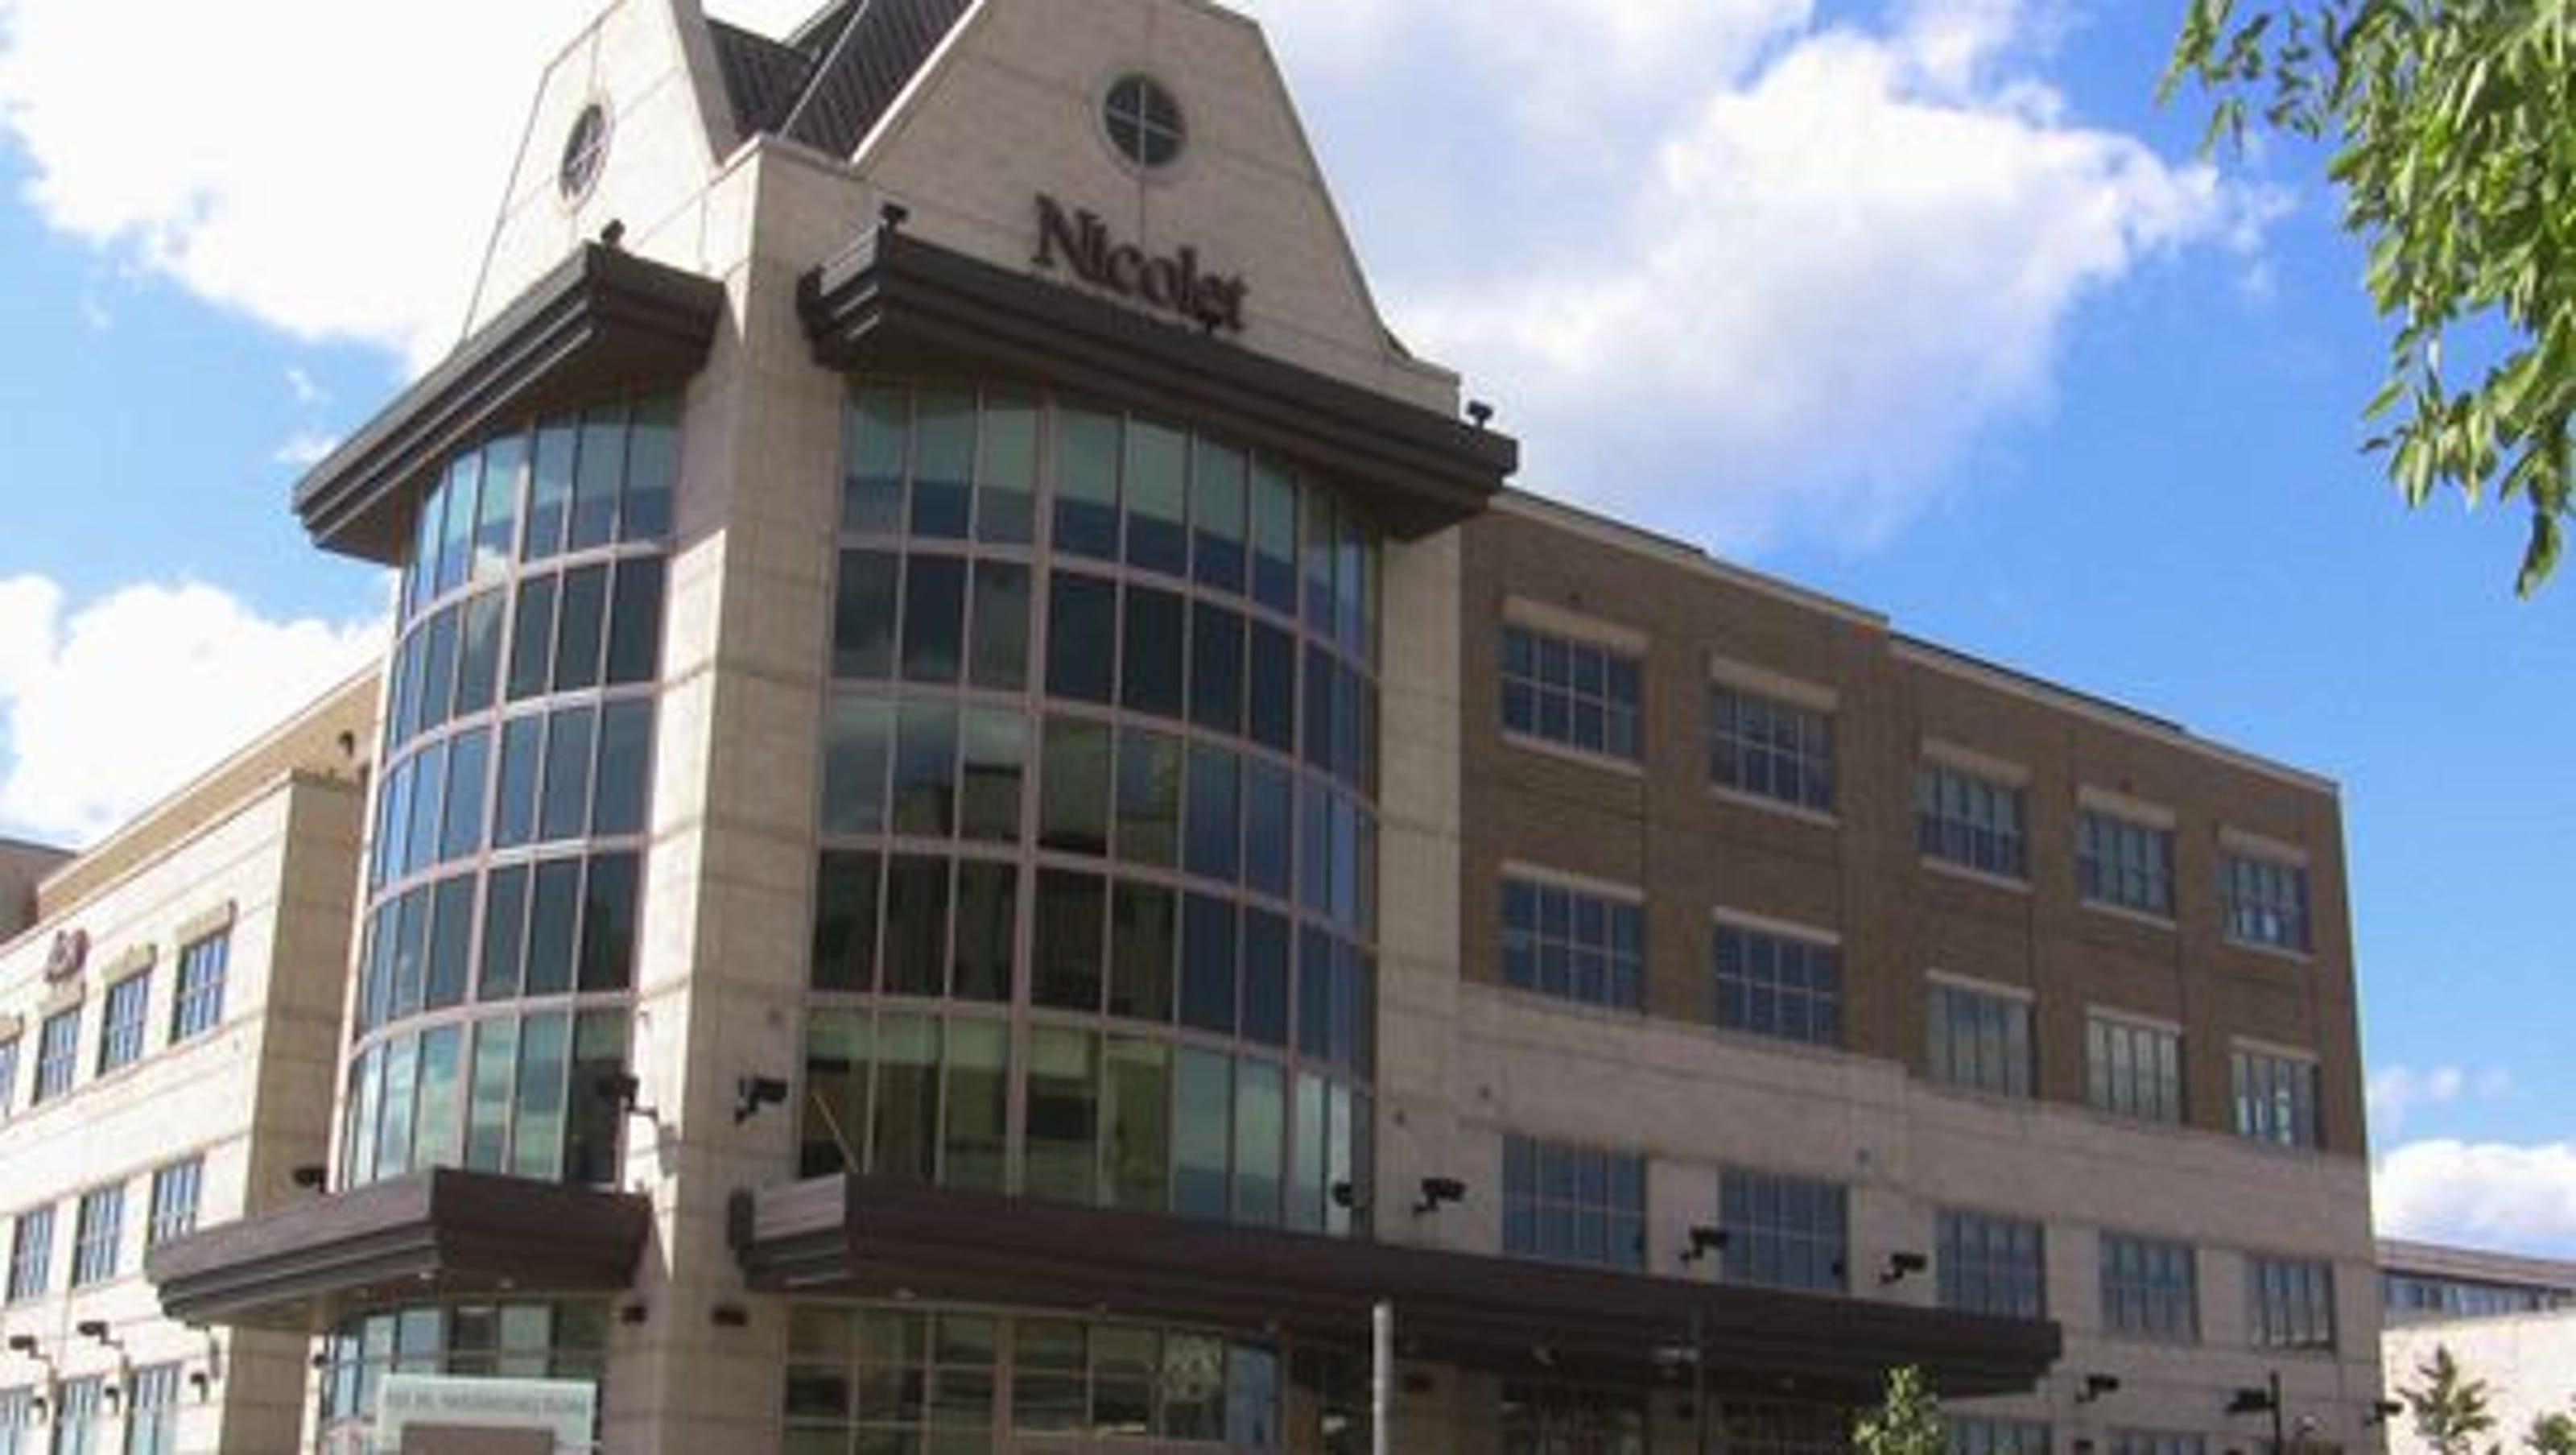 Nicolet National Bank ...